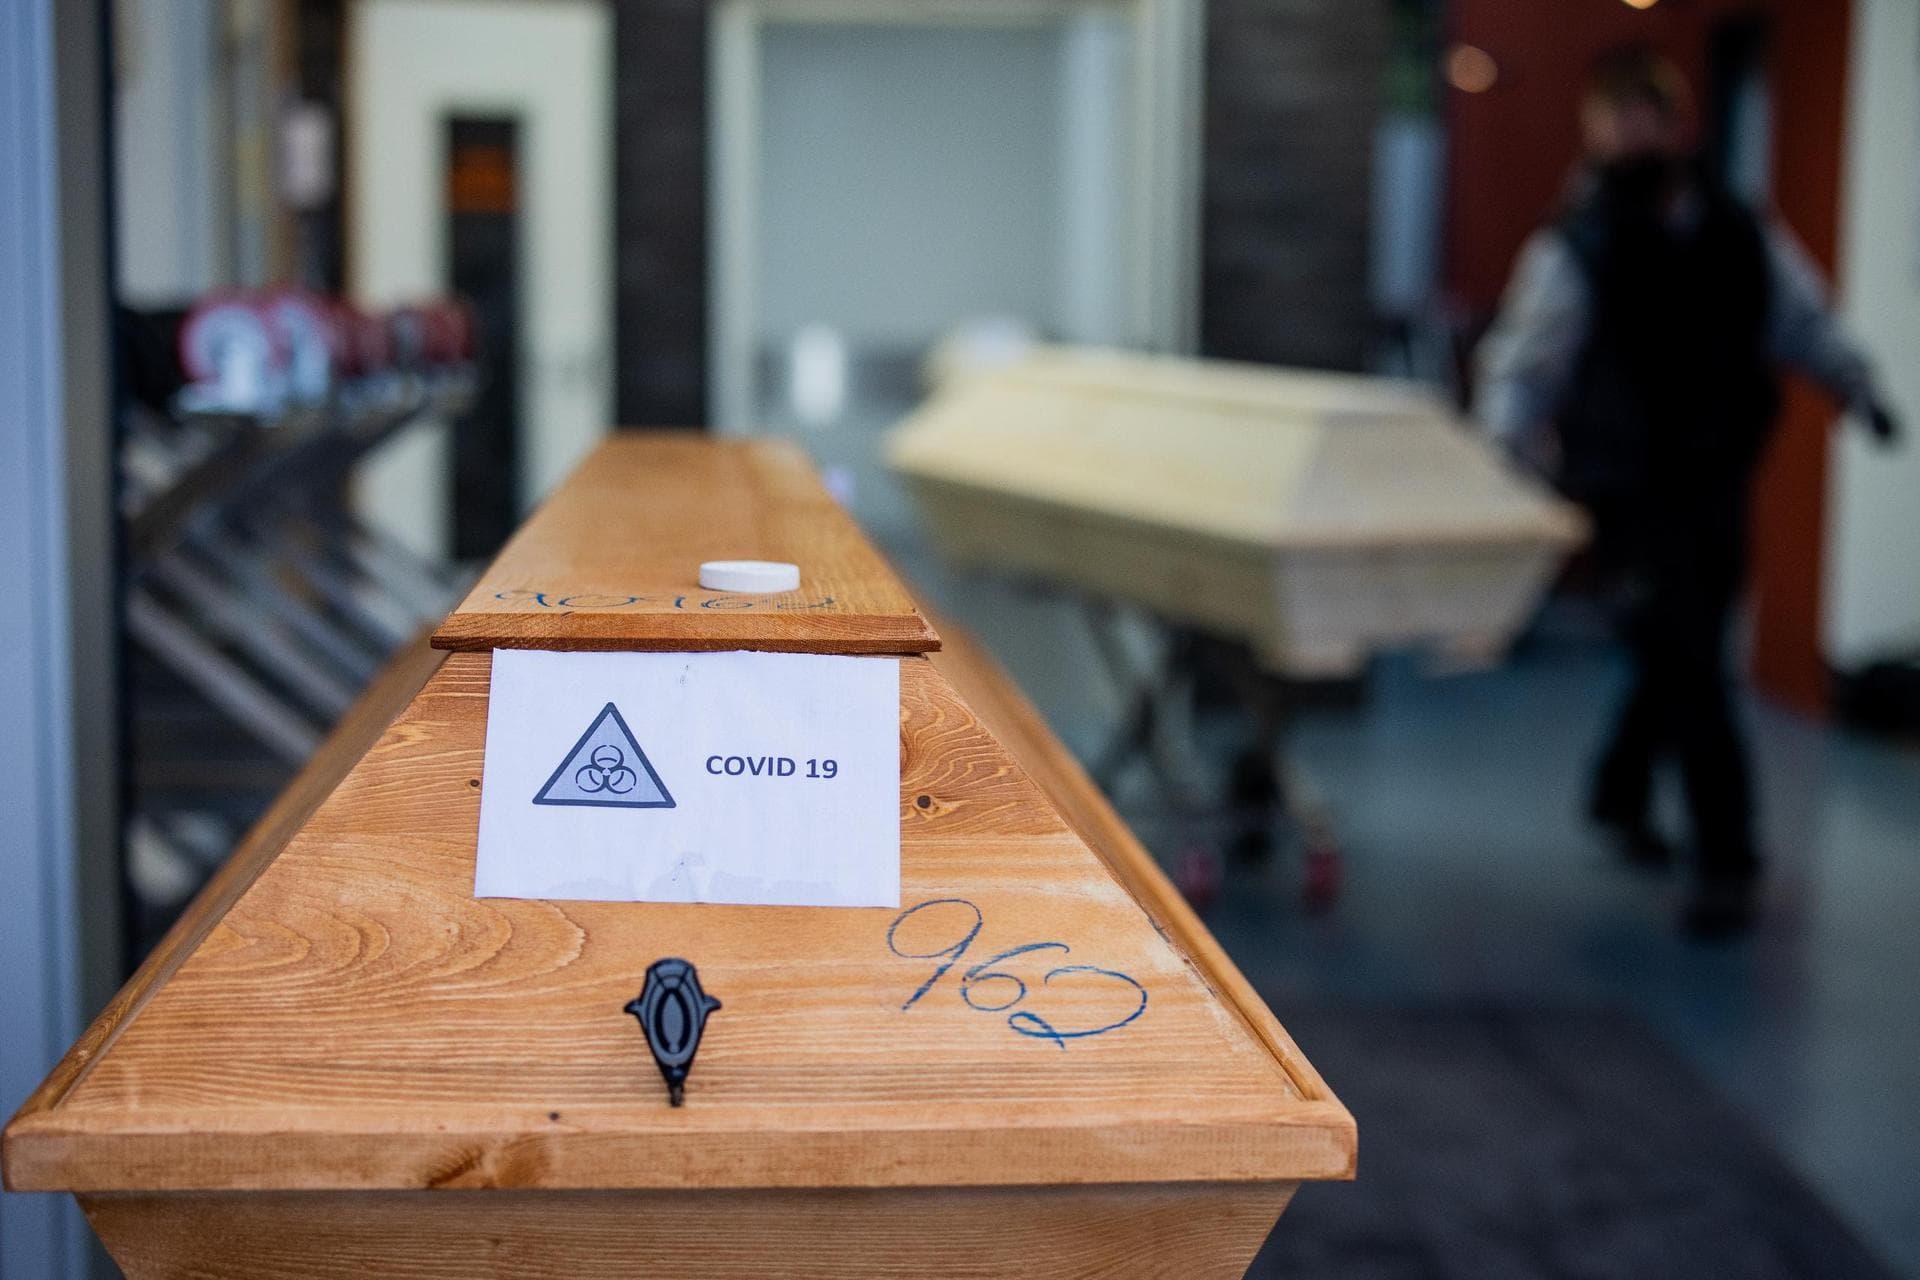 Tiefstand bei den Corona-Todesfällen RKI-Fallzahlen